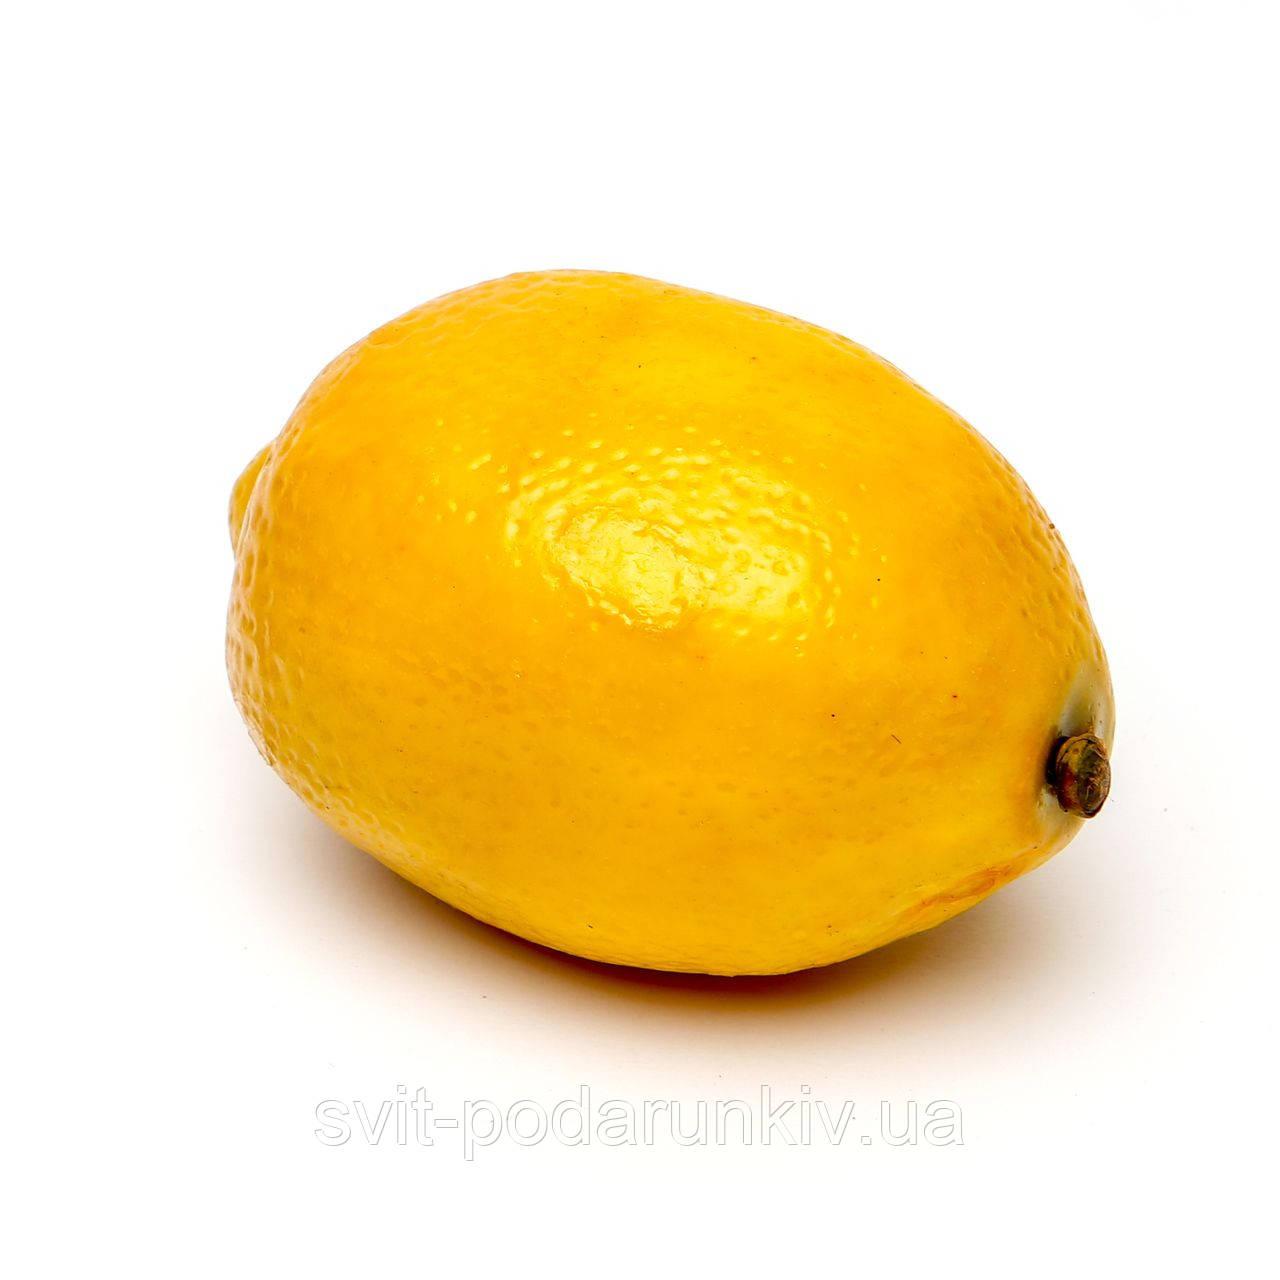 Искусственный фрукт муляж лимона